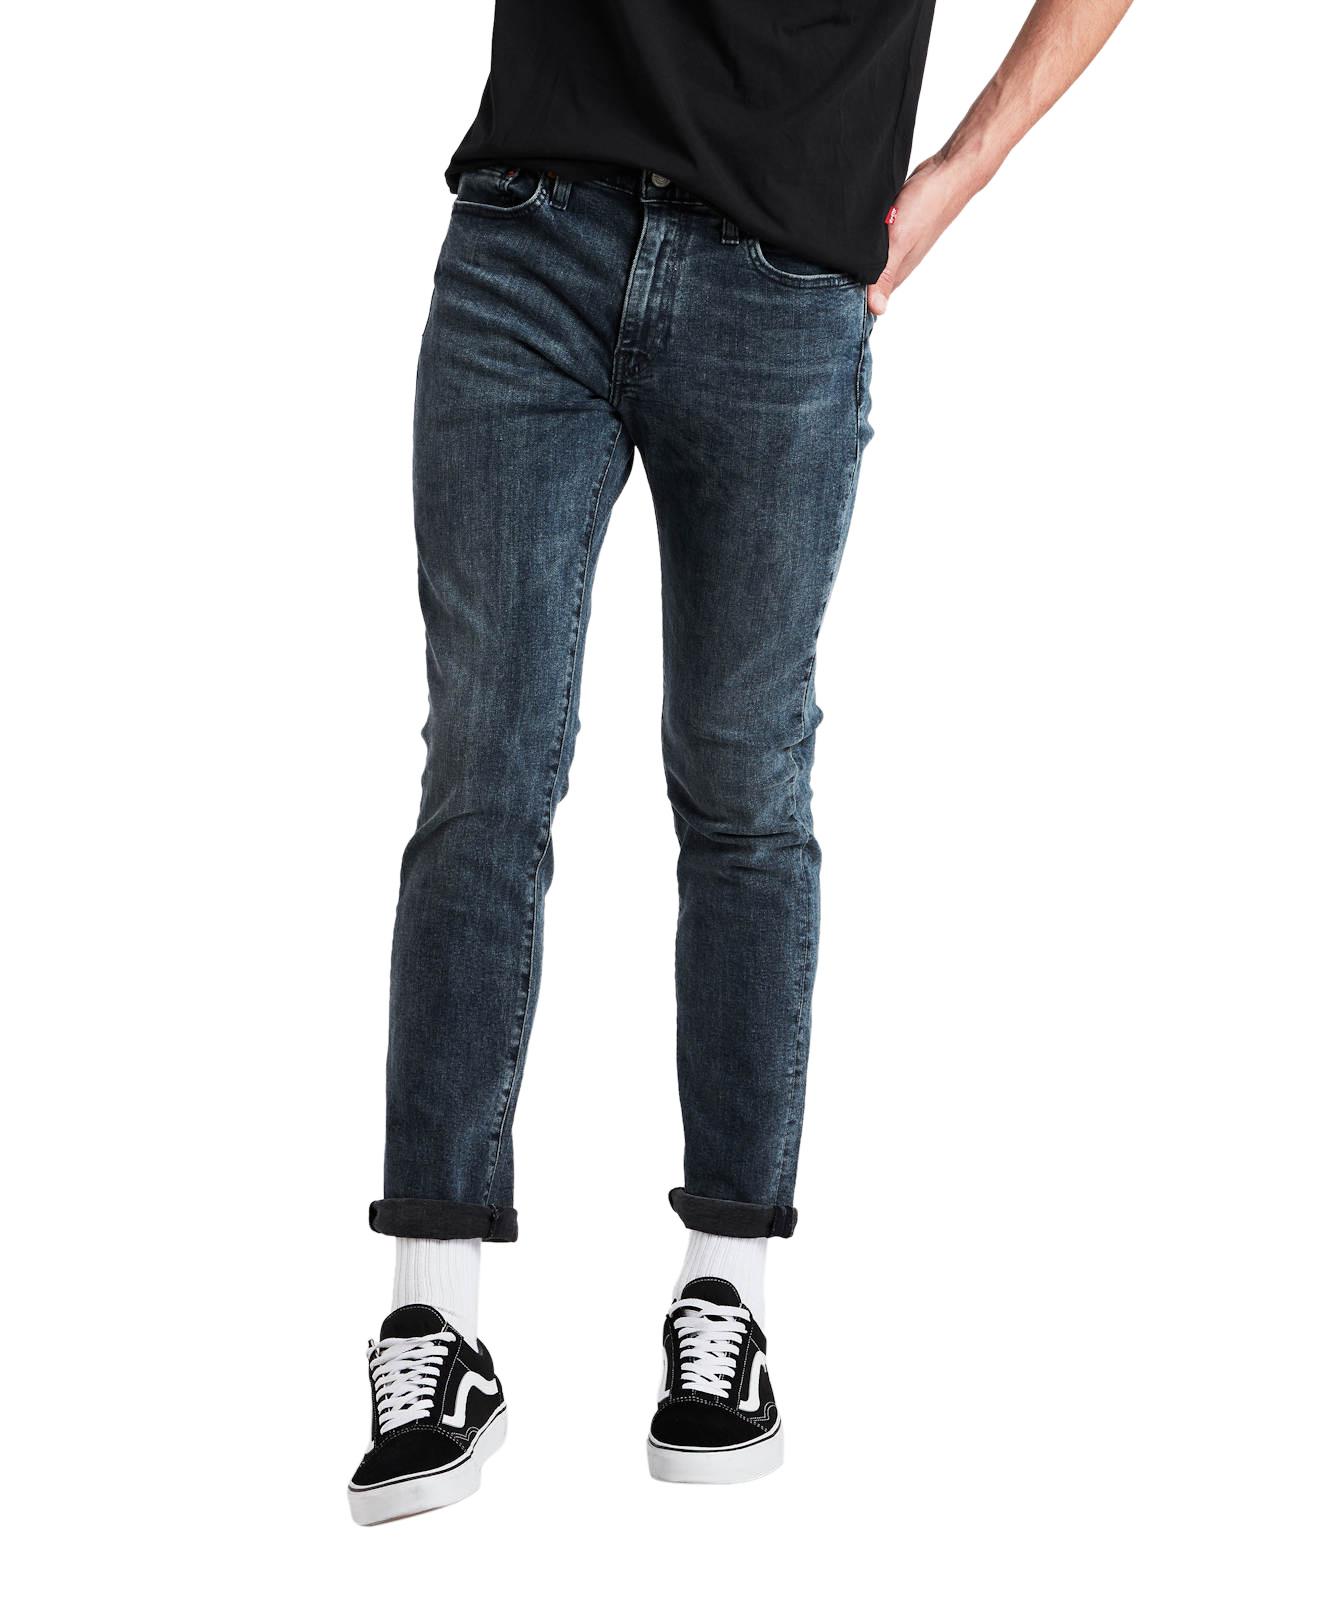 levi s 519 jeans extreme skinny fit herren hose denim. Black Bedroom Furniture Sets. Home Design Ideas